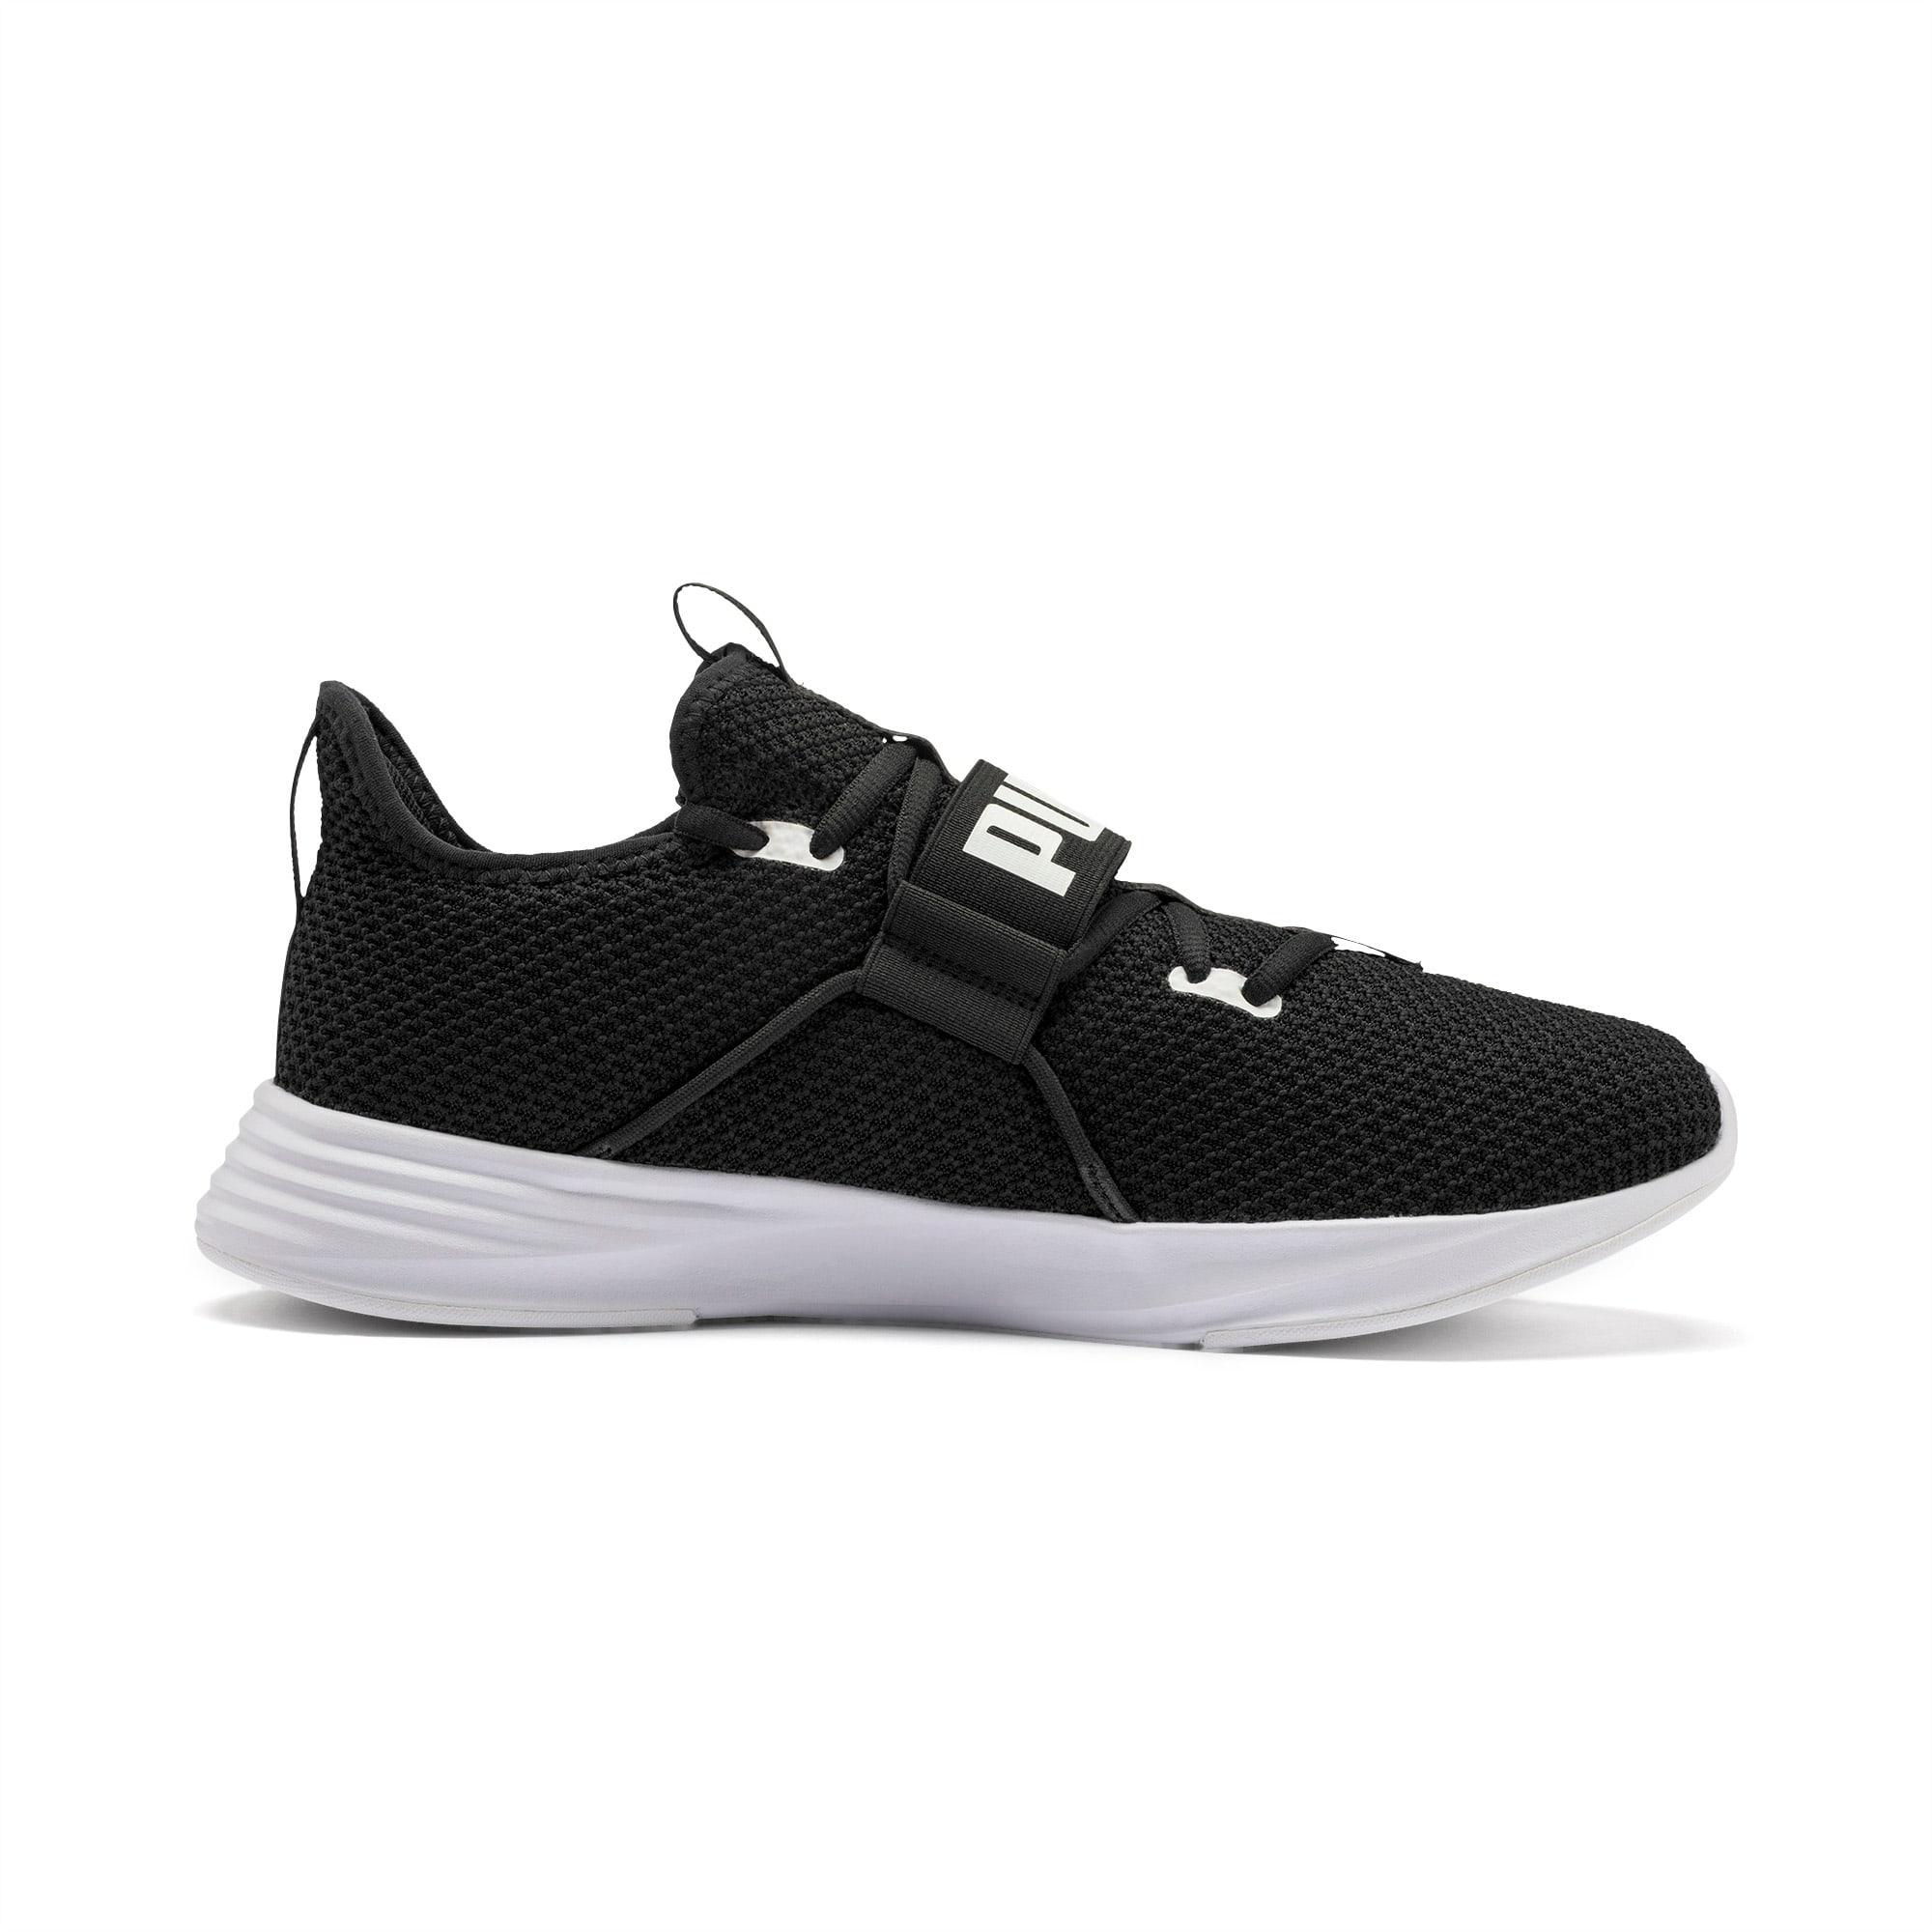 Persist XT Knit Men's Training Shoes